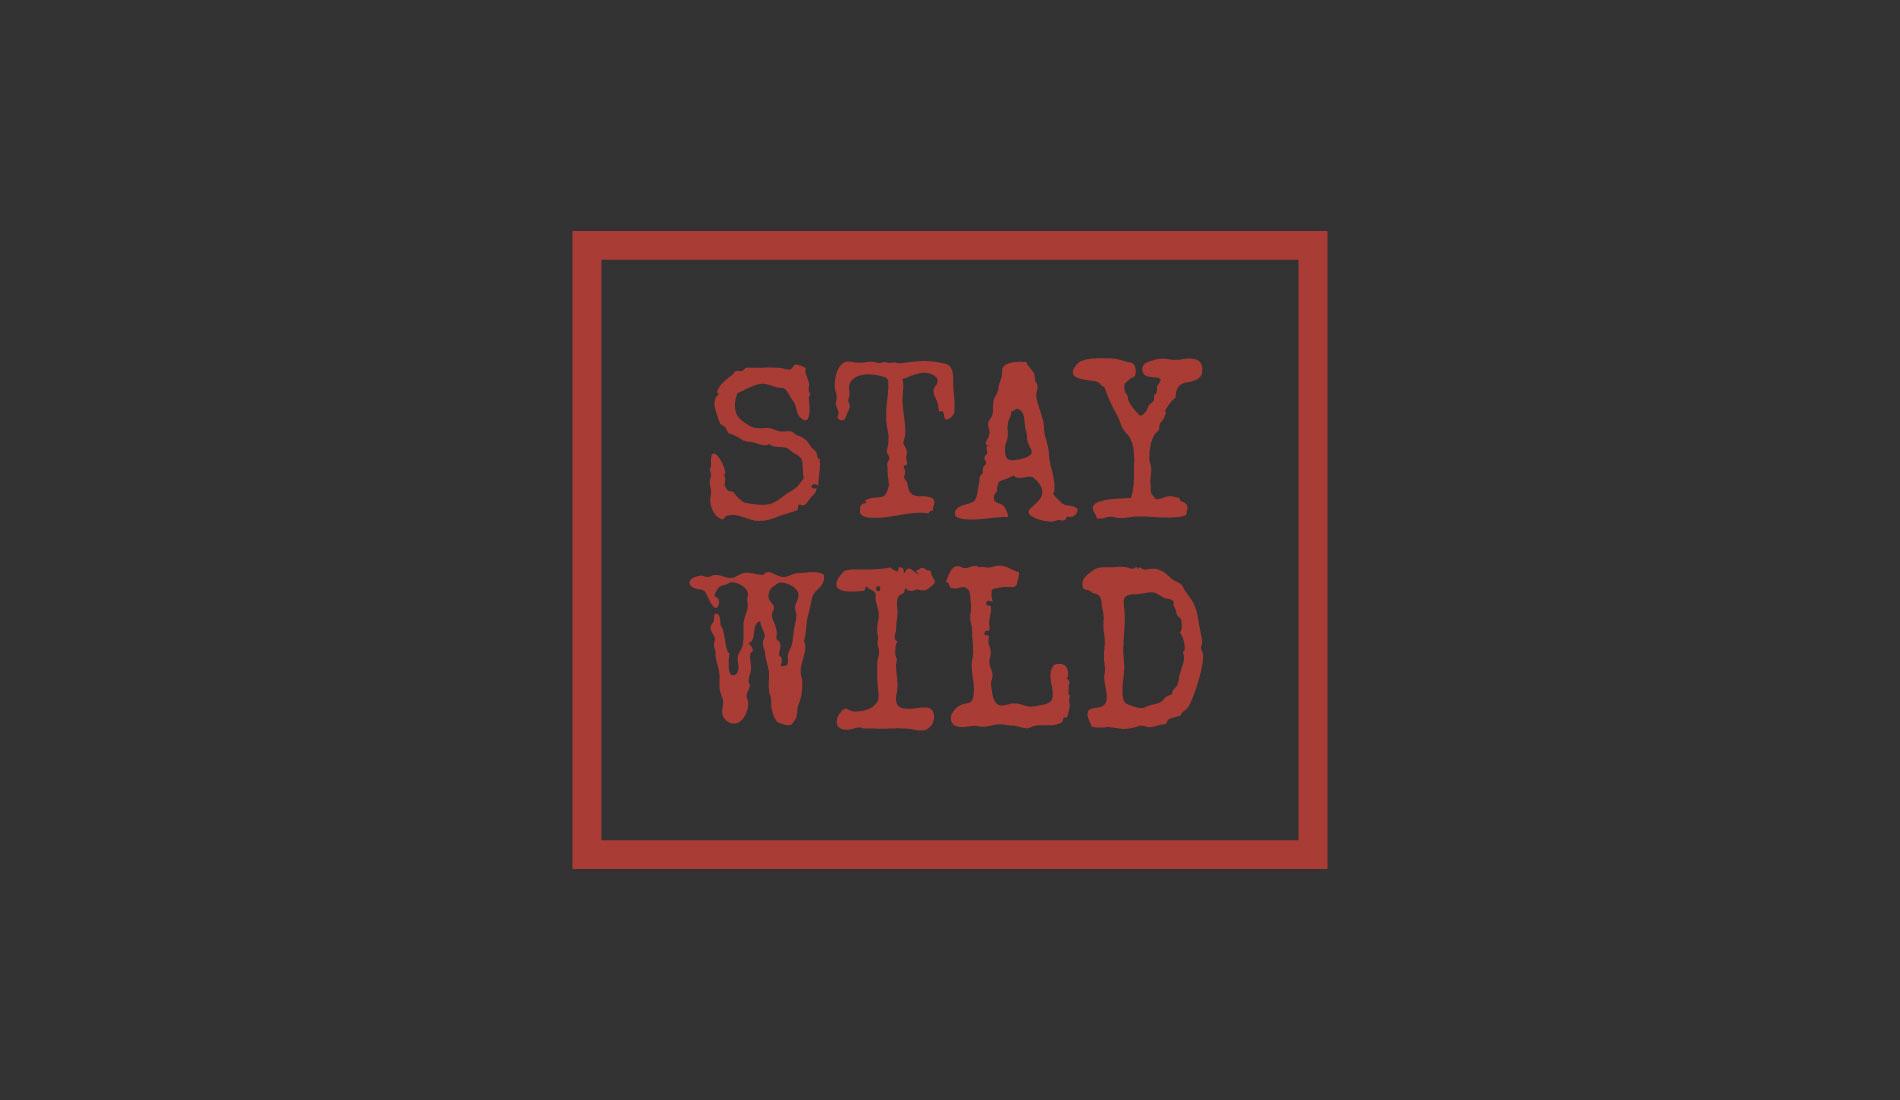 Stay Wild, camisetas com frase da Rockfella coleção Society.